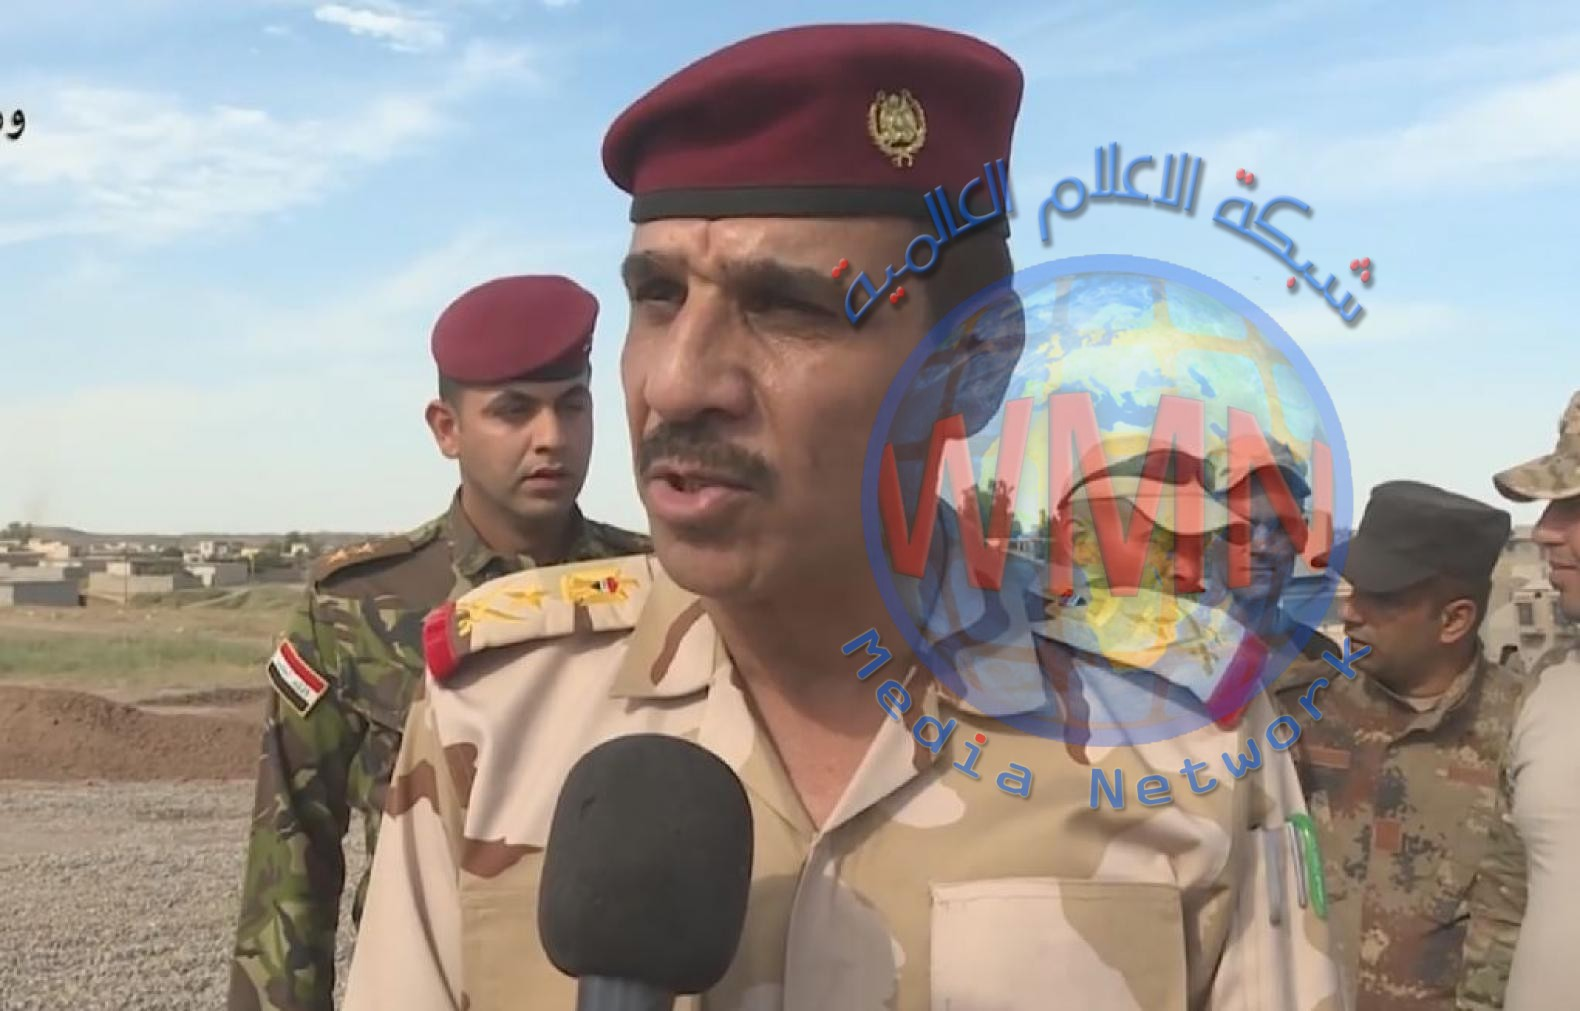 يار الله: المهندس كان يلم شملنا ويعالج مشاكلنا ورحيله خسارة للعراق لا تعوض